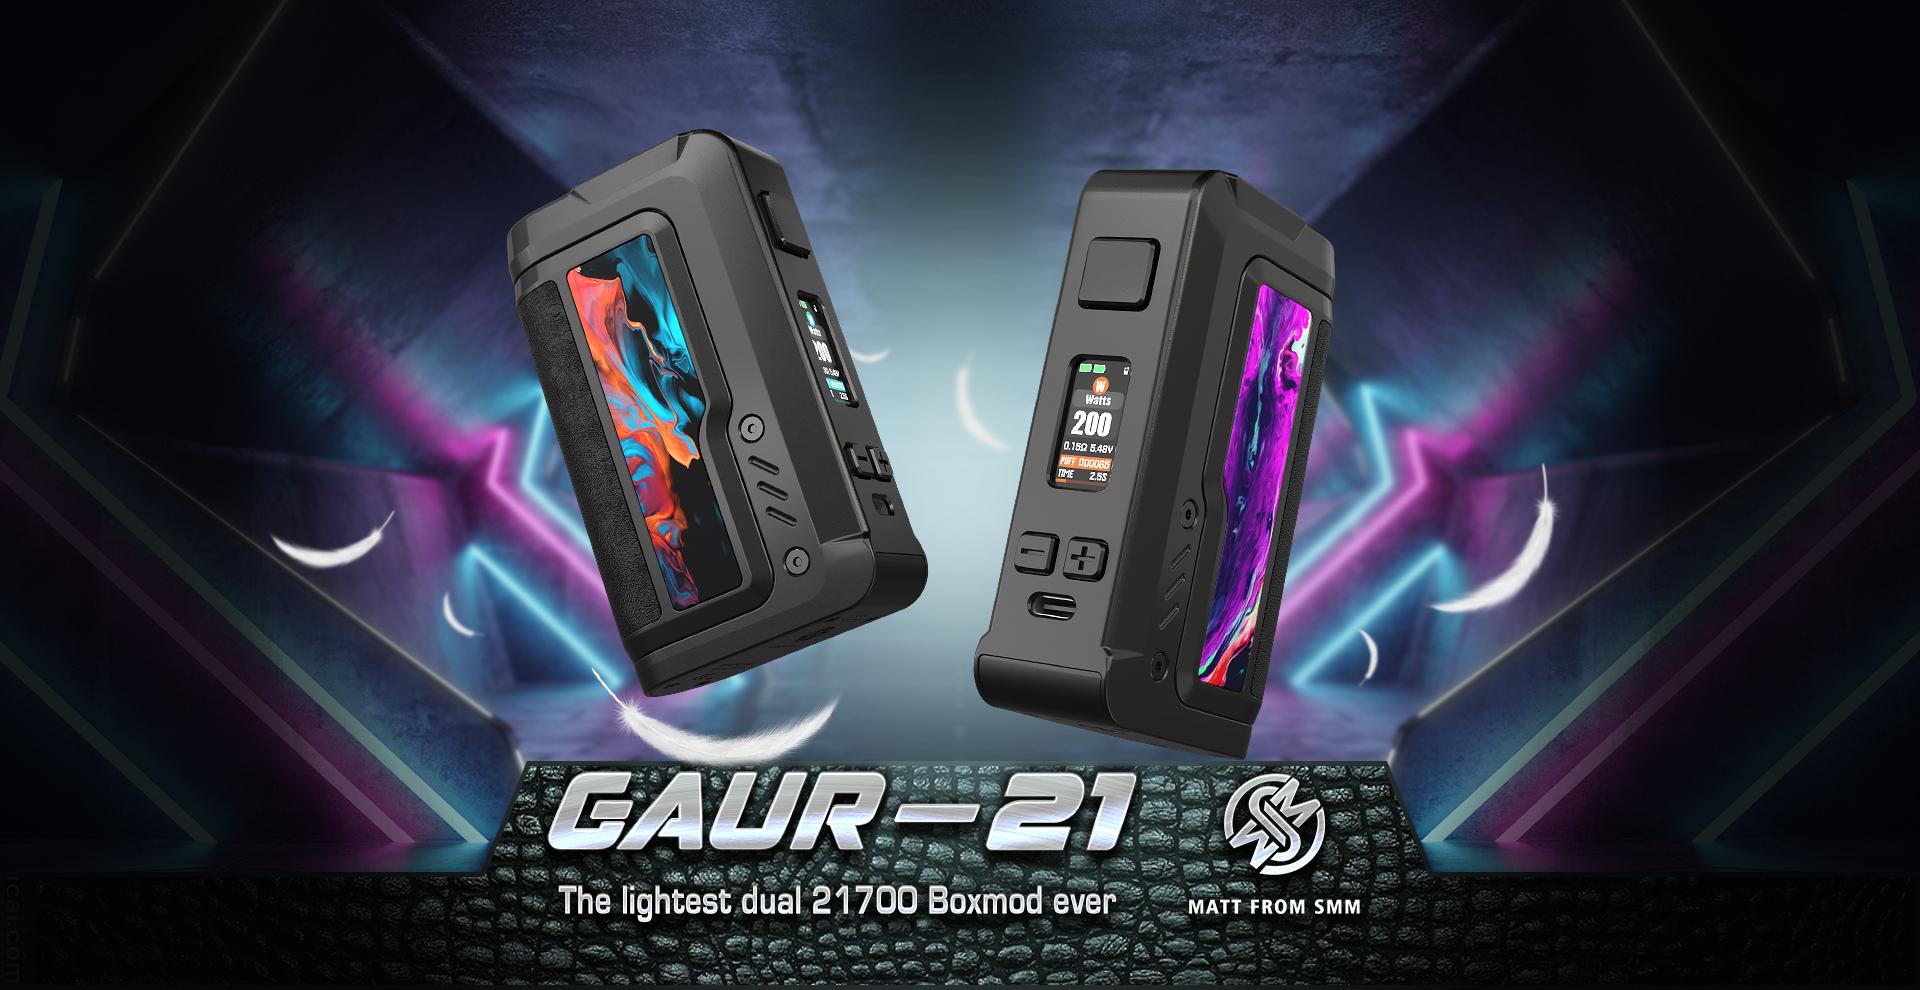 gaur21 price pakistan